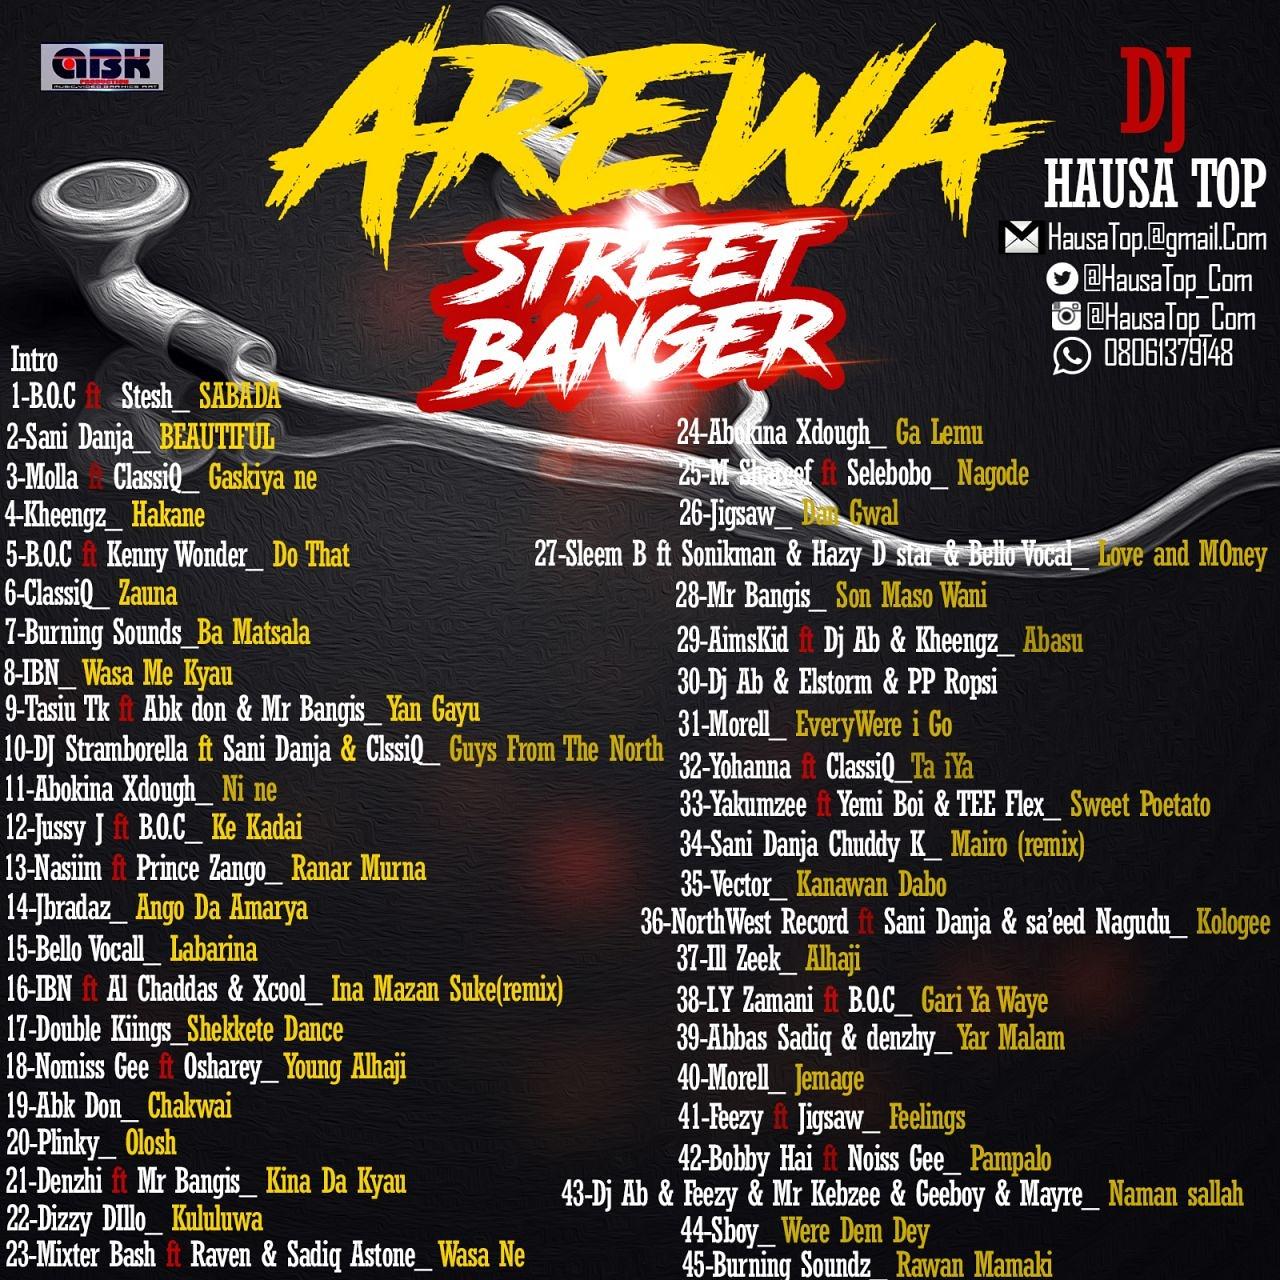 DJ HAUSATOP – AREWA STREET BANGER 2017 MIX VOL 1 - AREWA